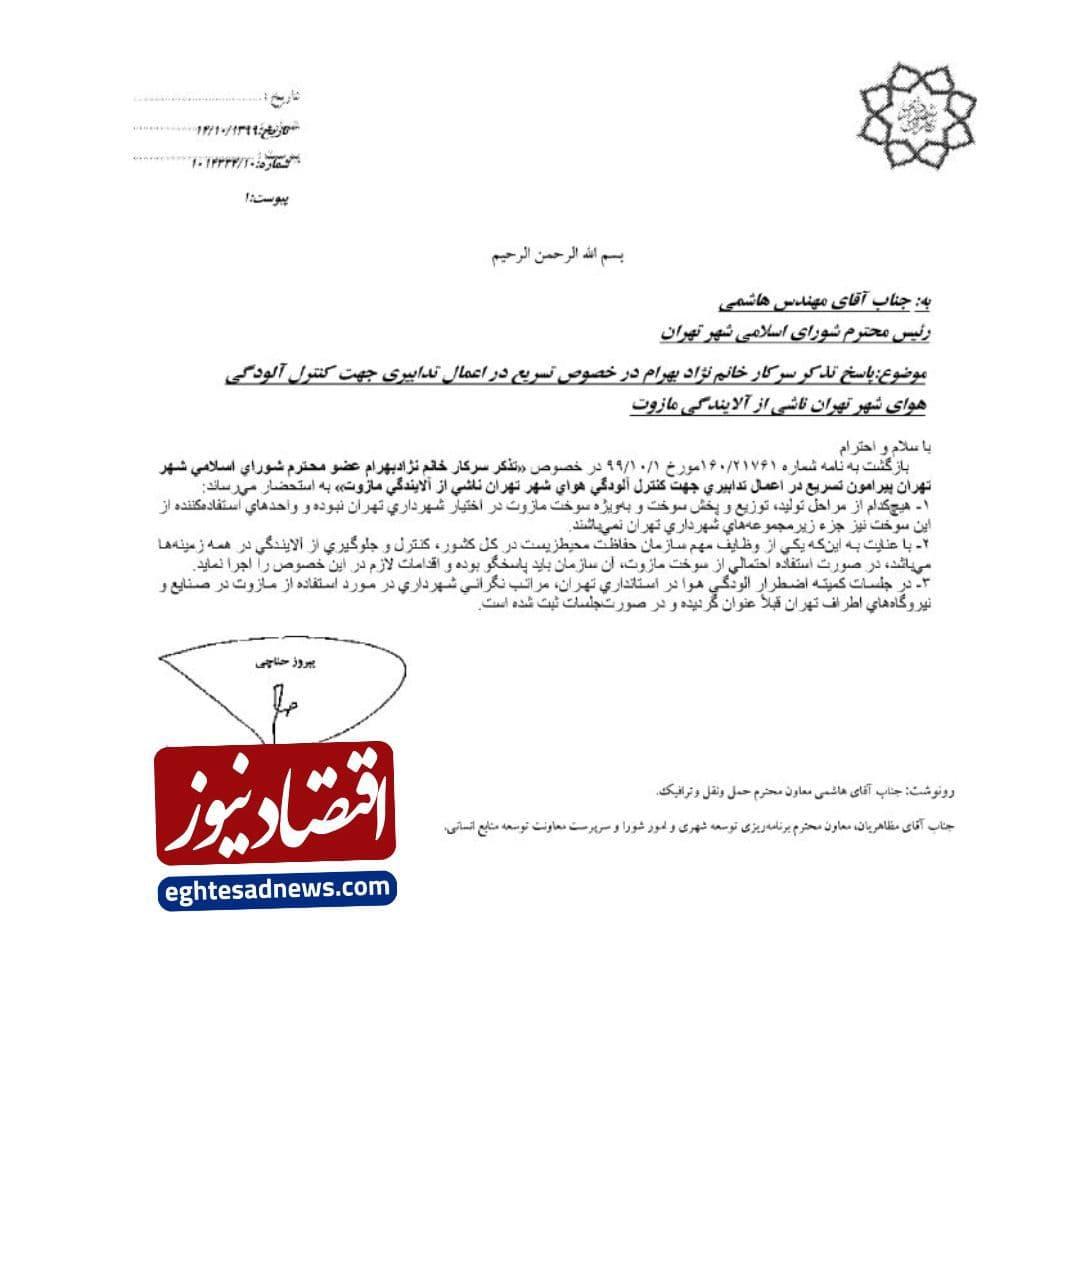 استفاده از مازوت صدای شهردار تهران را هم درآورد +سند